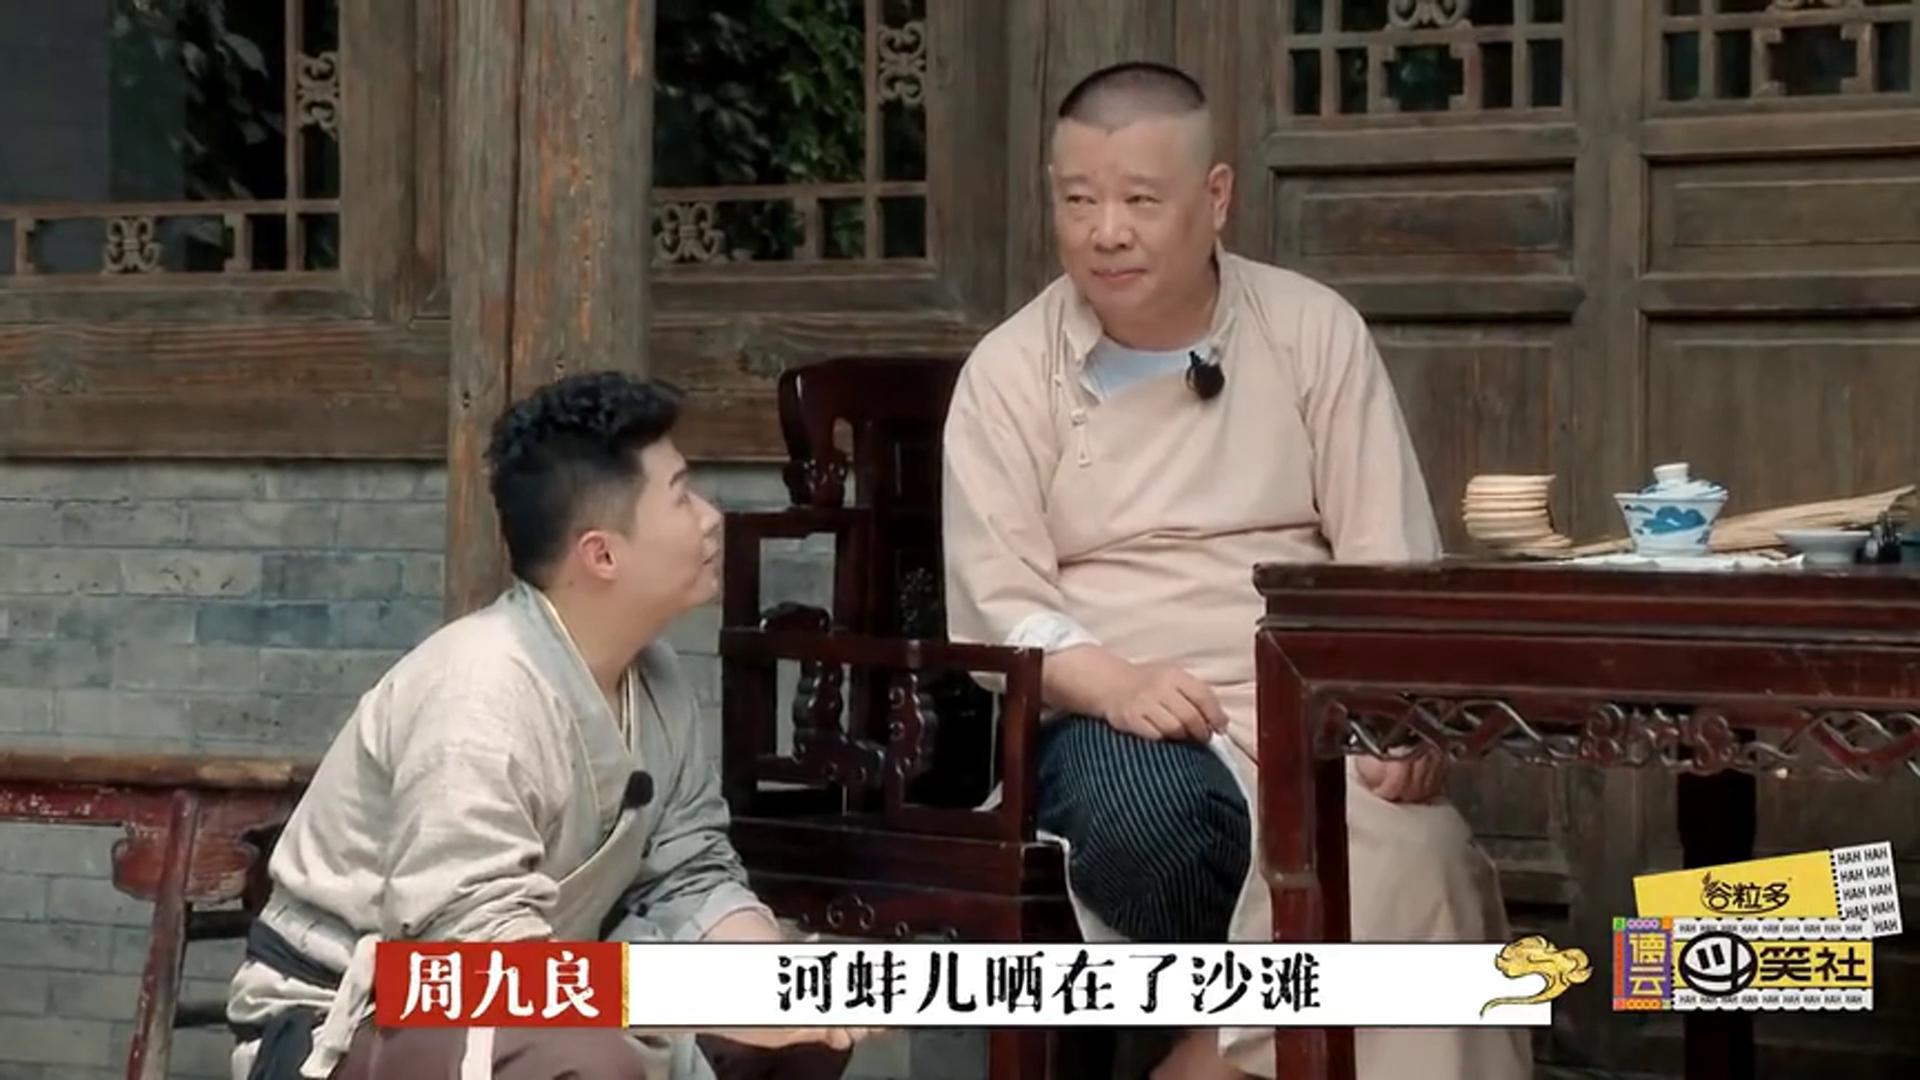 德云斗笑社:郭德纲亲自教周九良唱戏曲